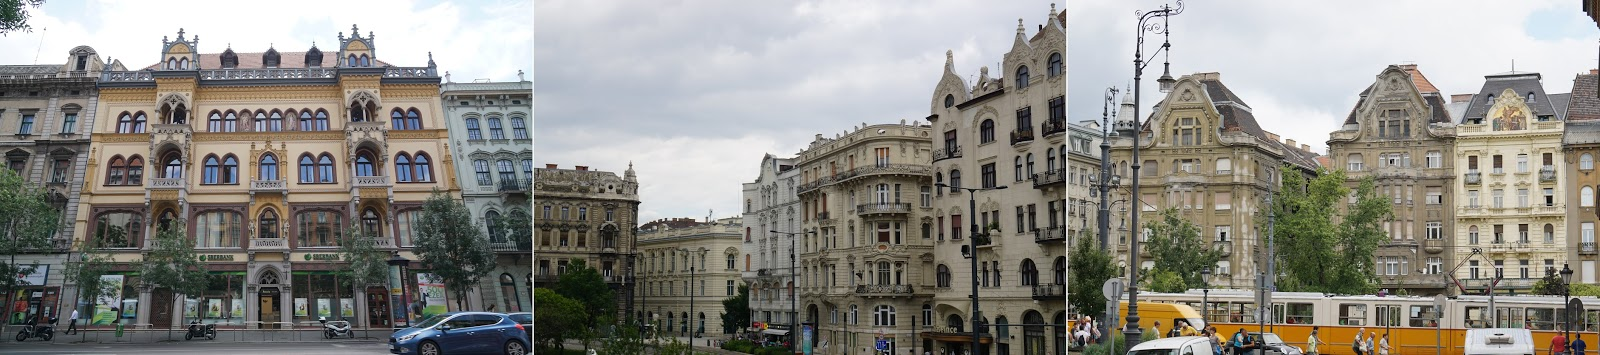 hvor ligger budapest